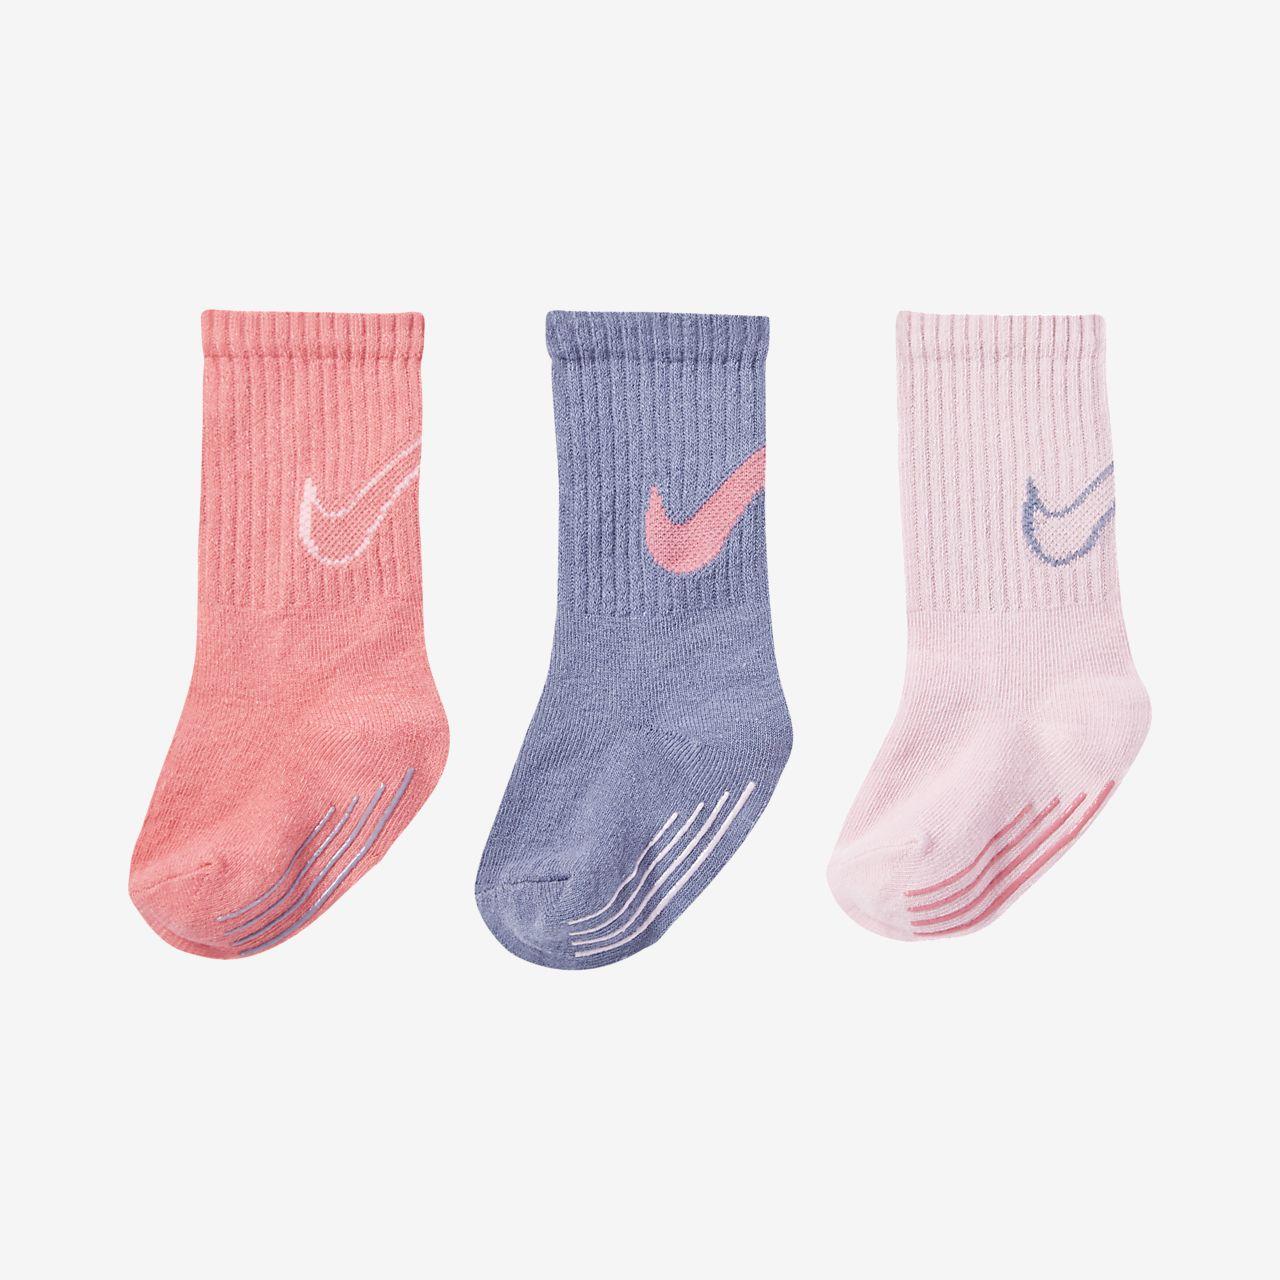 Ponožky Nike Track Gripper Tall pro kojence a batolata (3 páry)